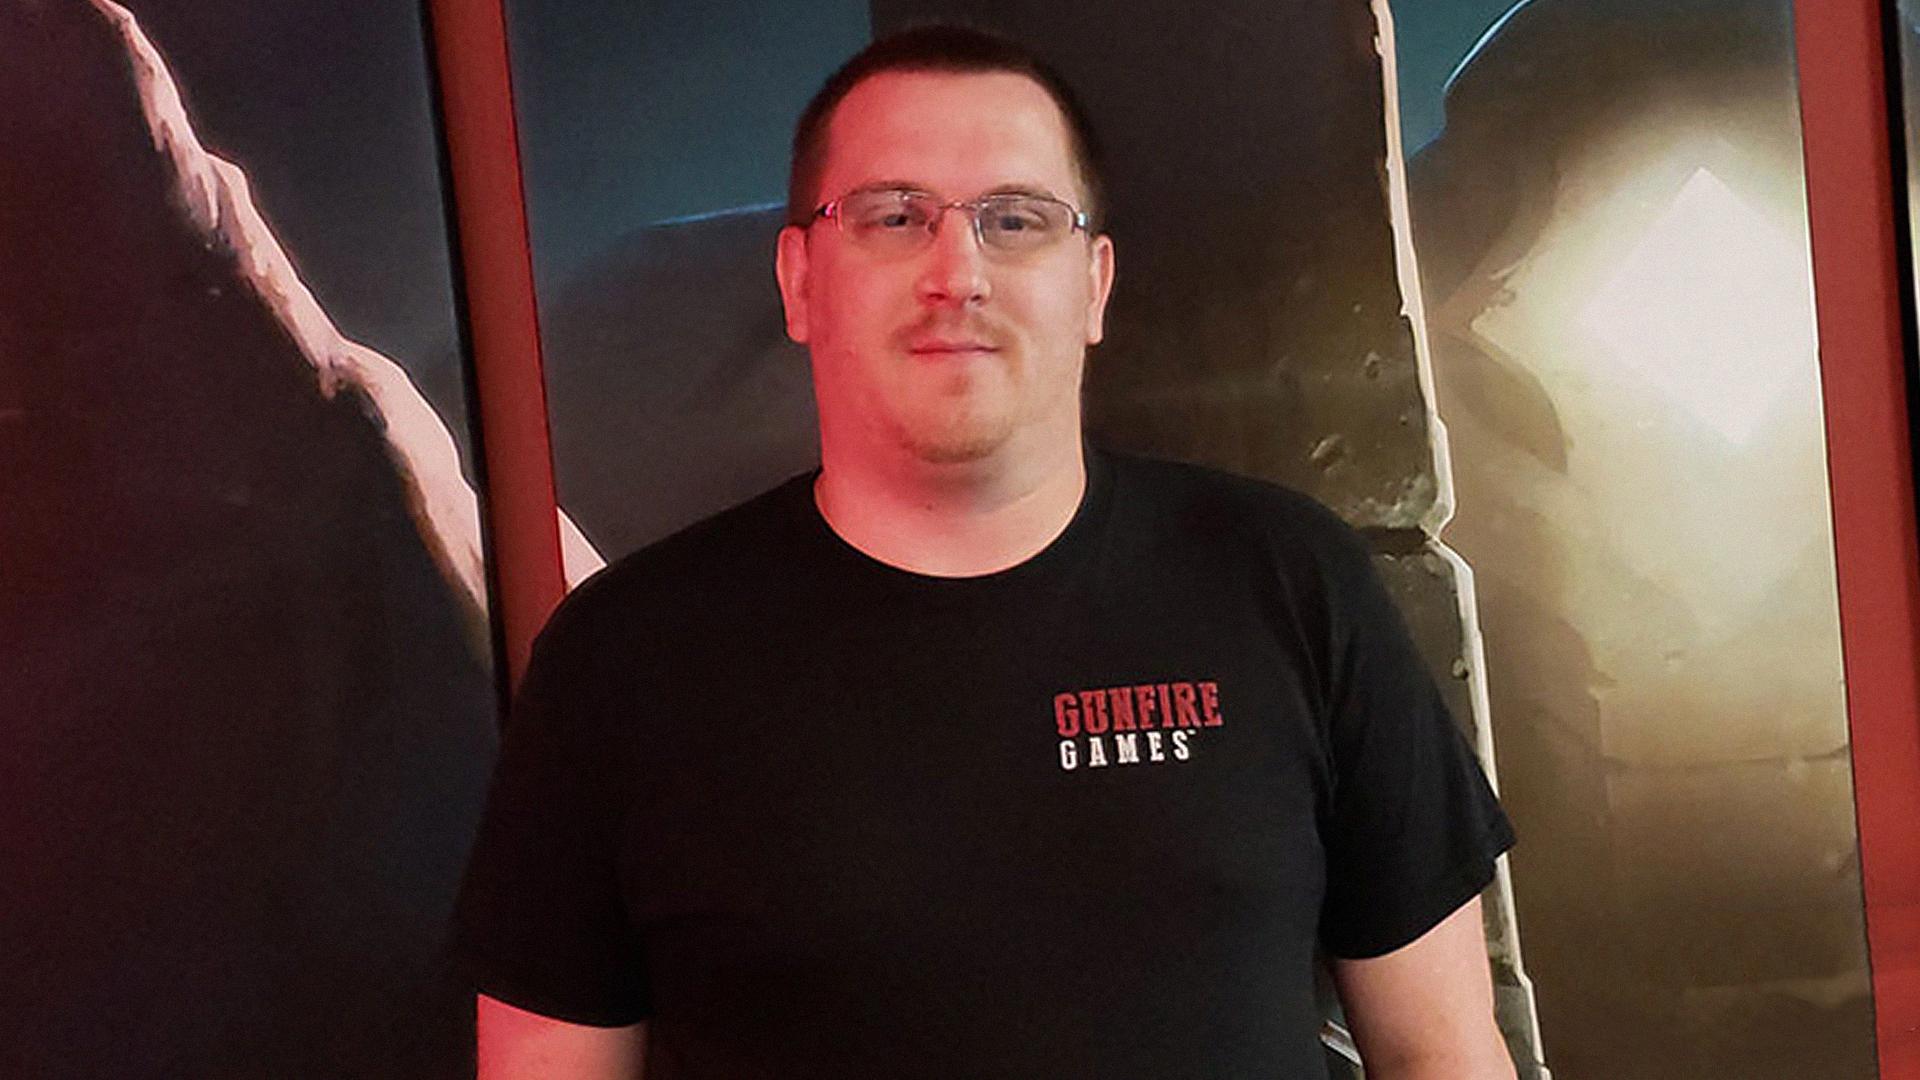 Как стать разработчиком игр - Интервью с работником из Gunfire Games. - Изображение 1